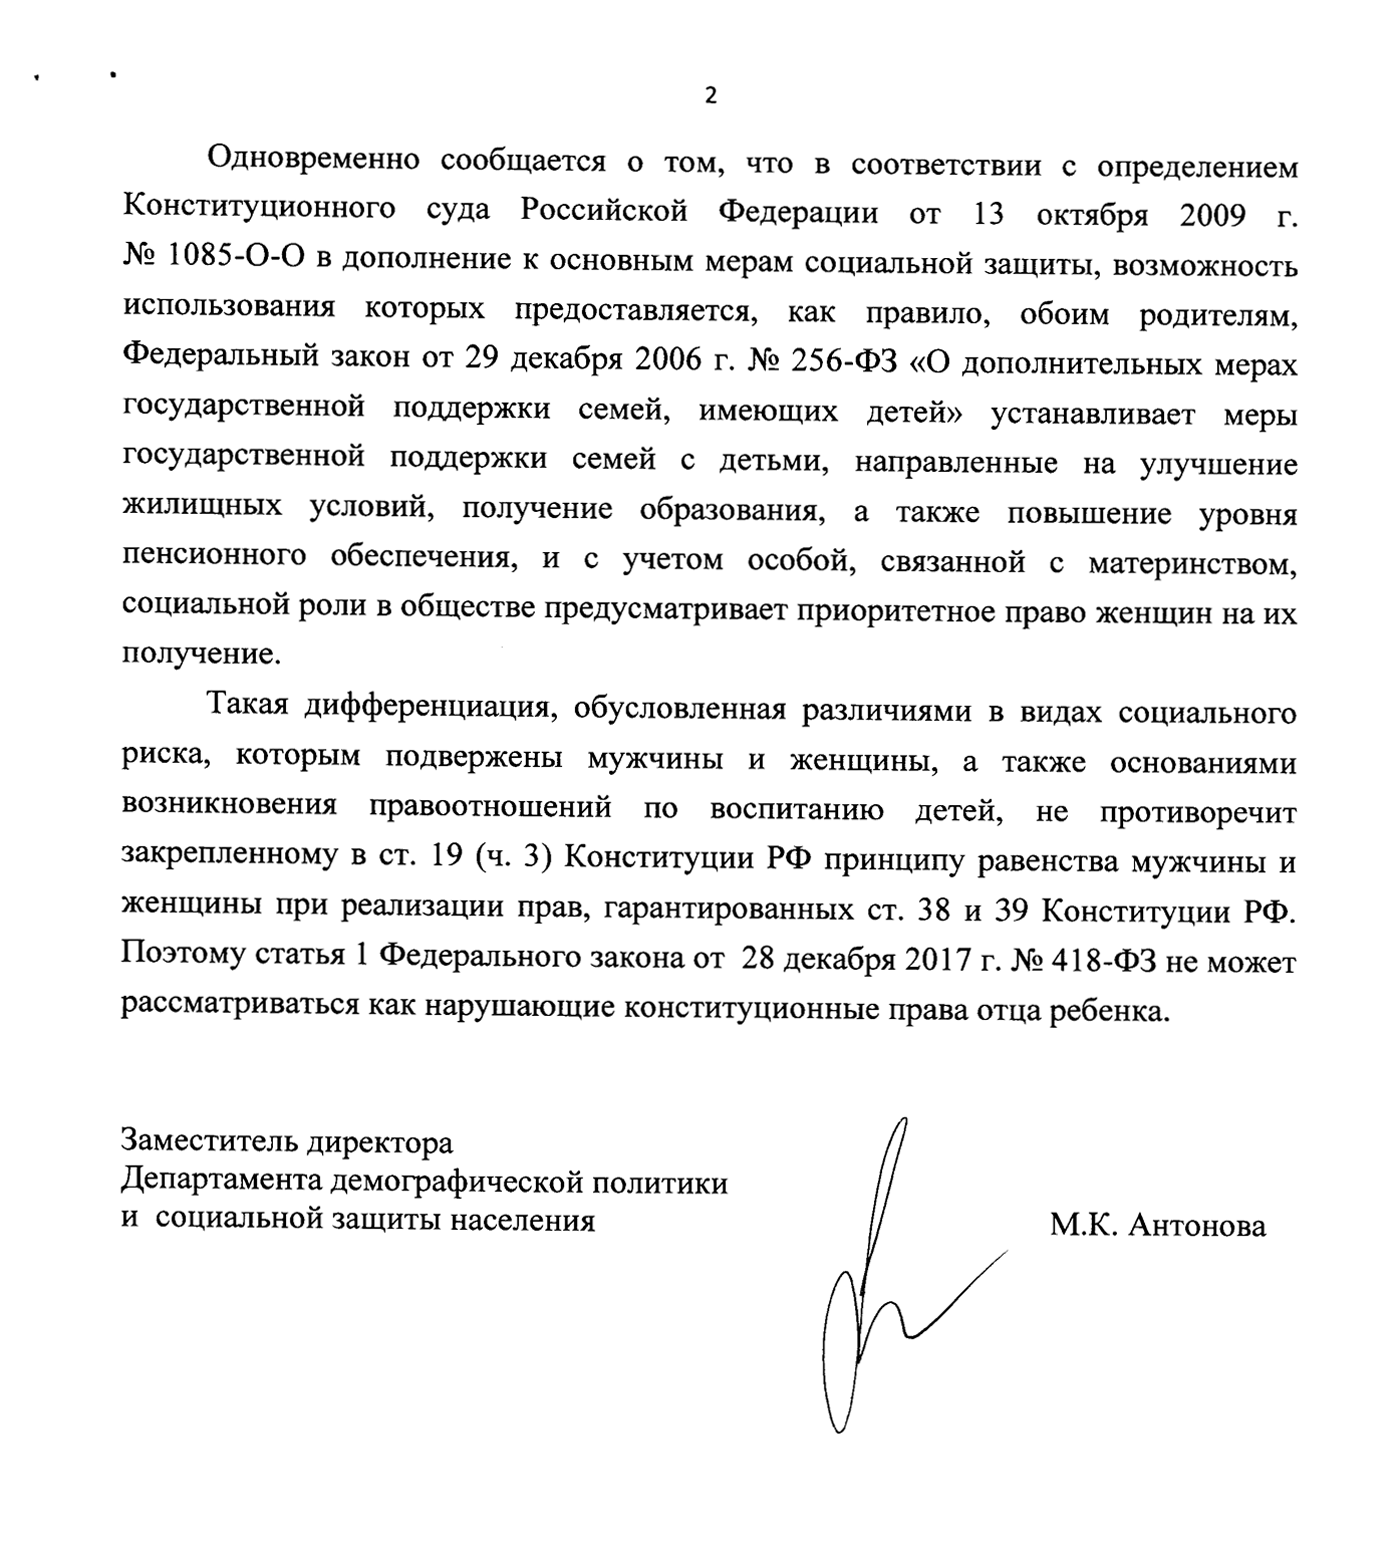 Ответ из Министерства труда и социальной защиты РФ: фрагмент о том, почему права отца в нашем случае никто не нарушал